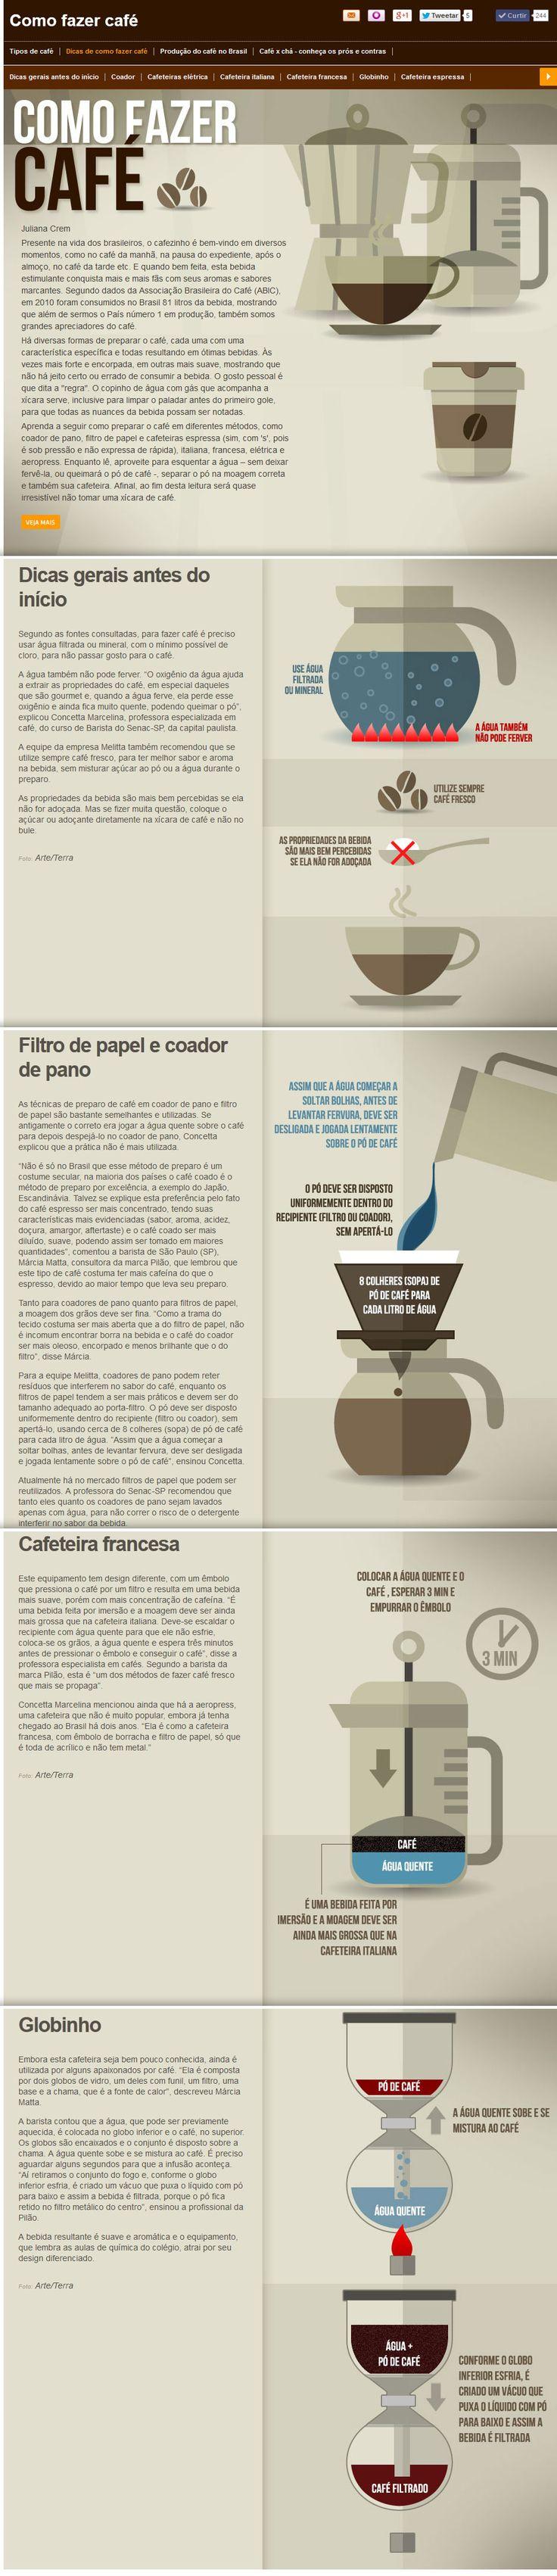 #Infográfico - Como fazer Café?